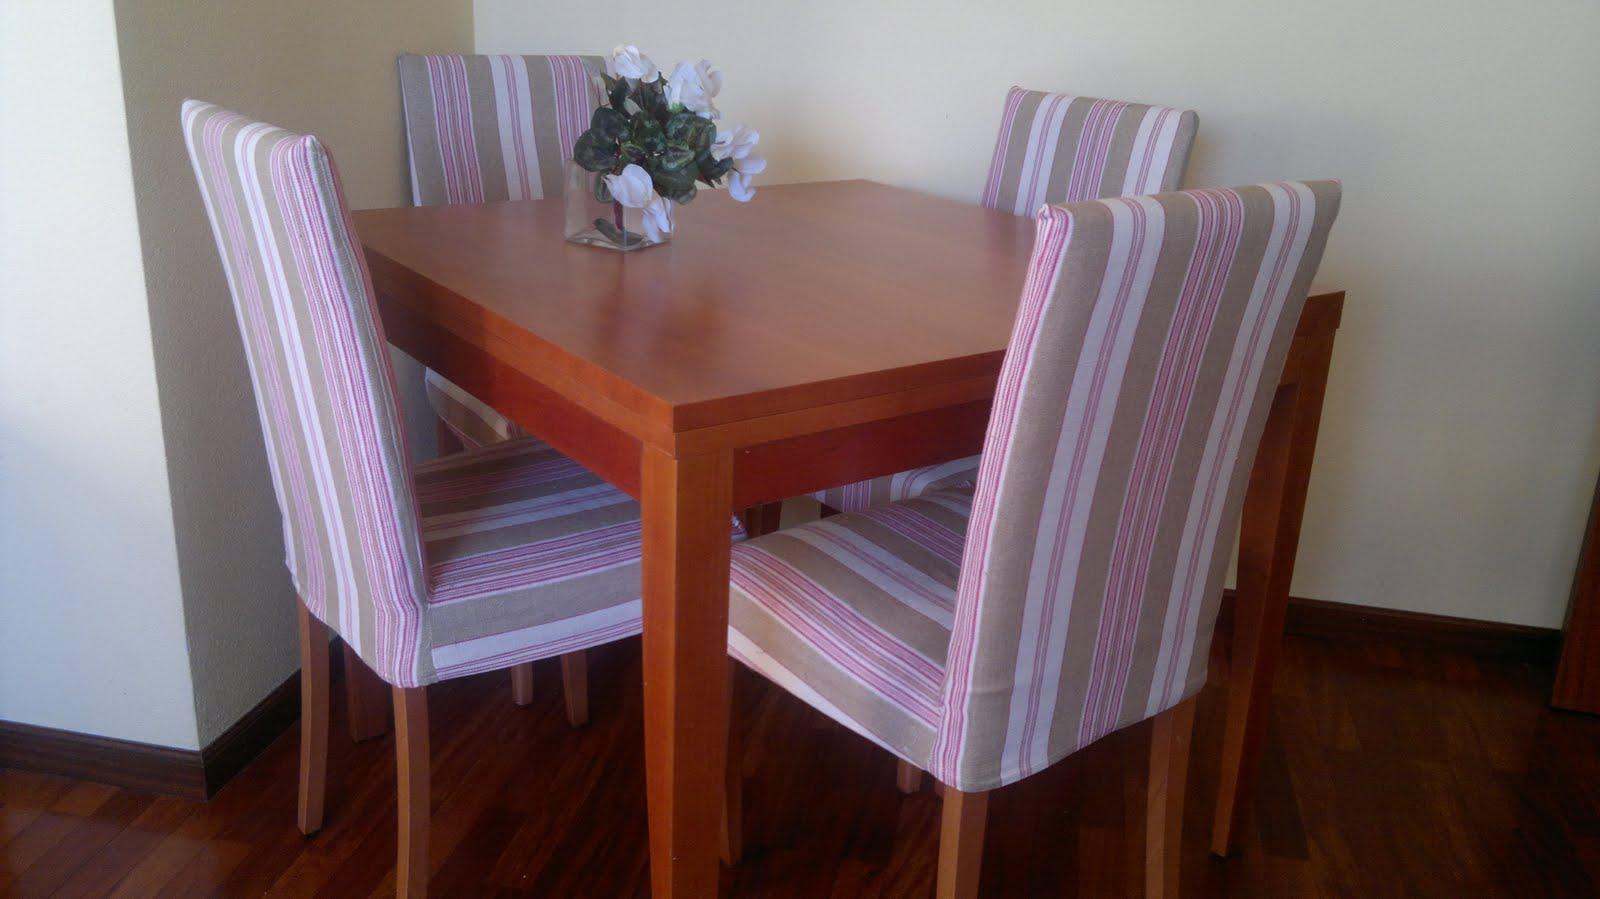 Fundas para las sillas de comedor costura - Fundas sillas comedor ...